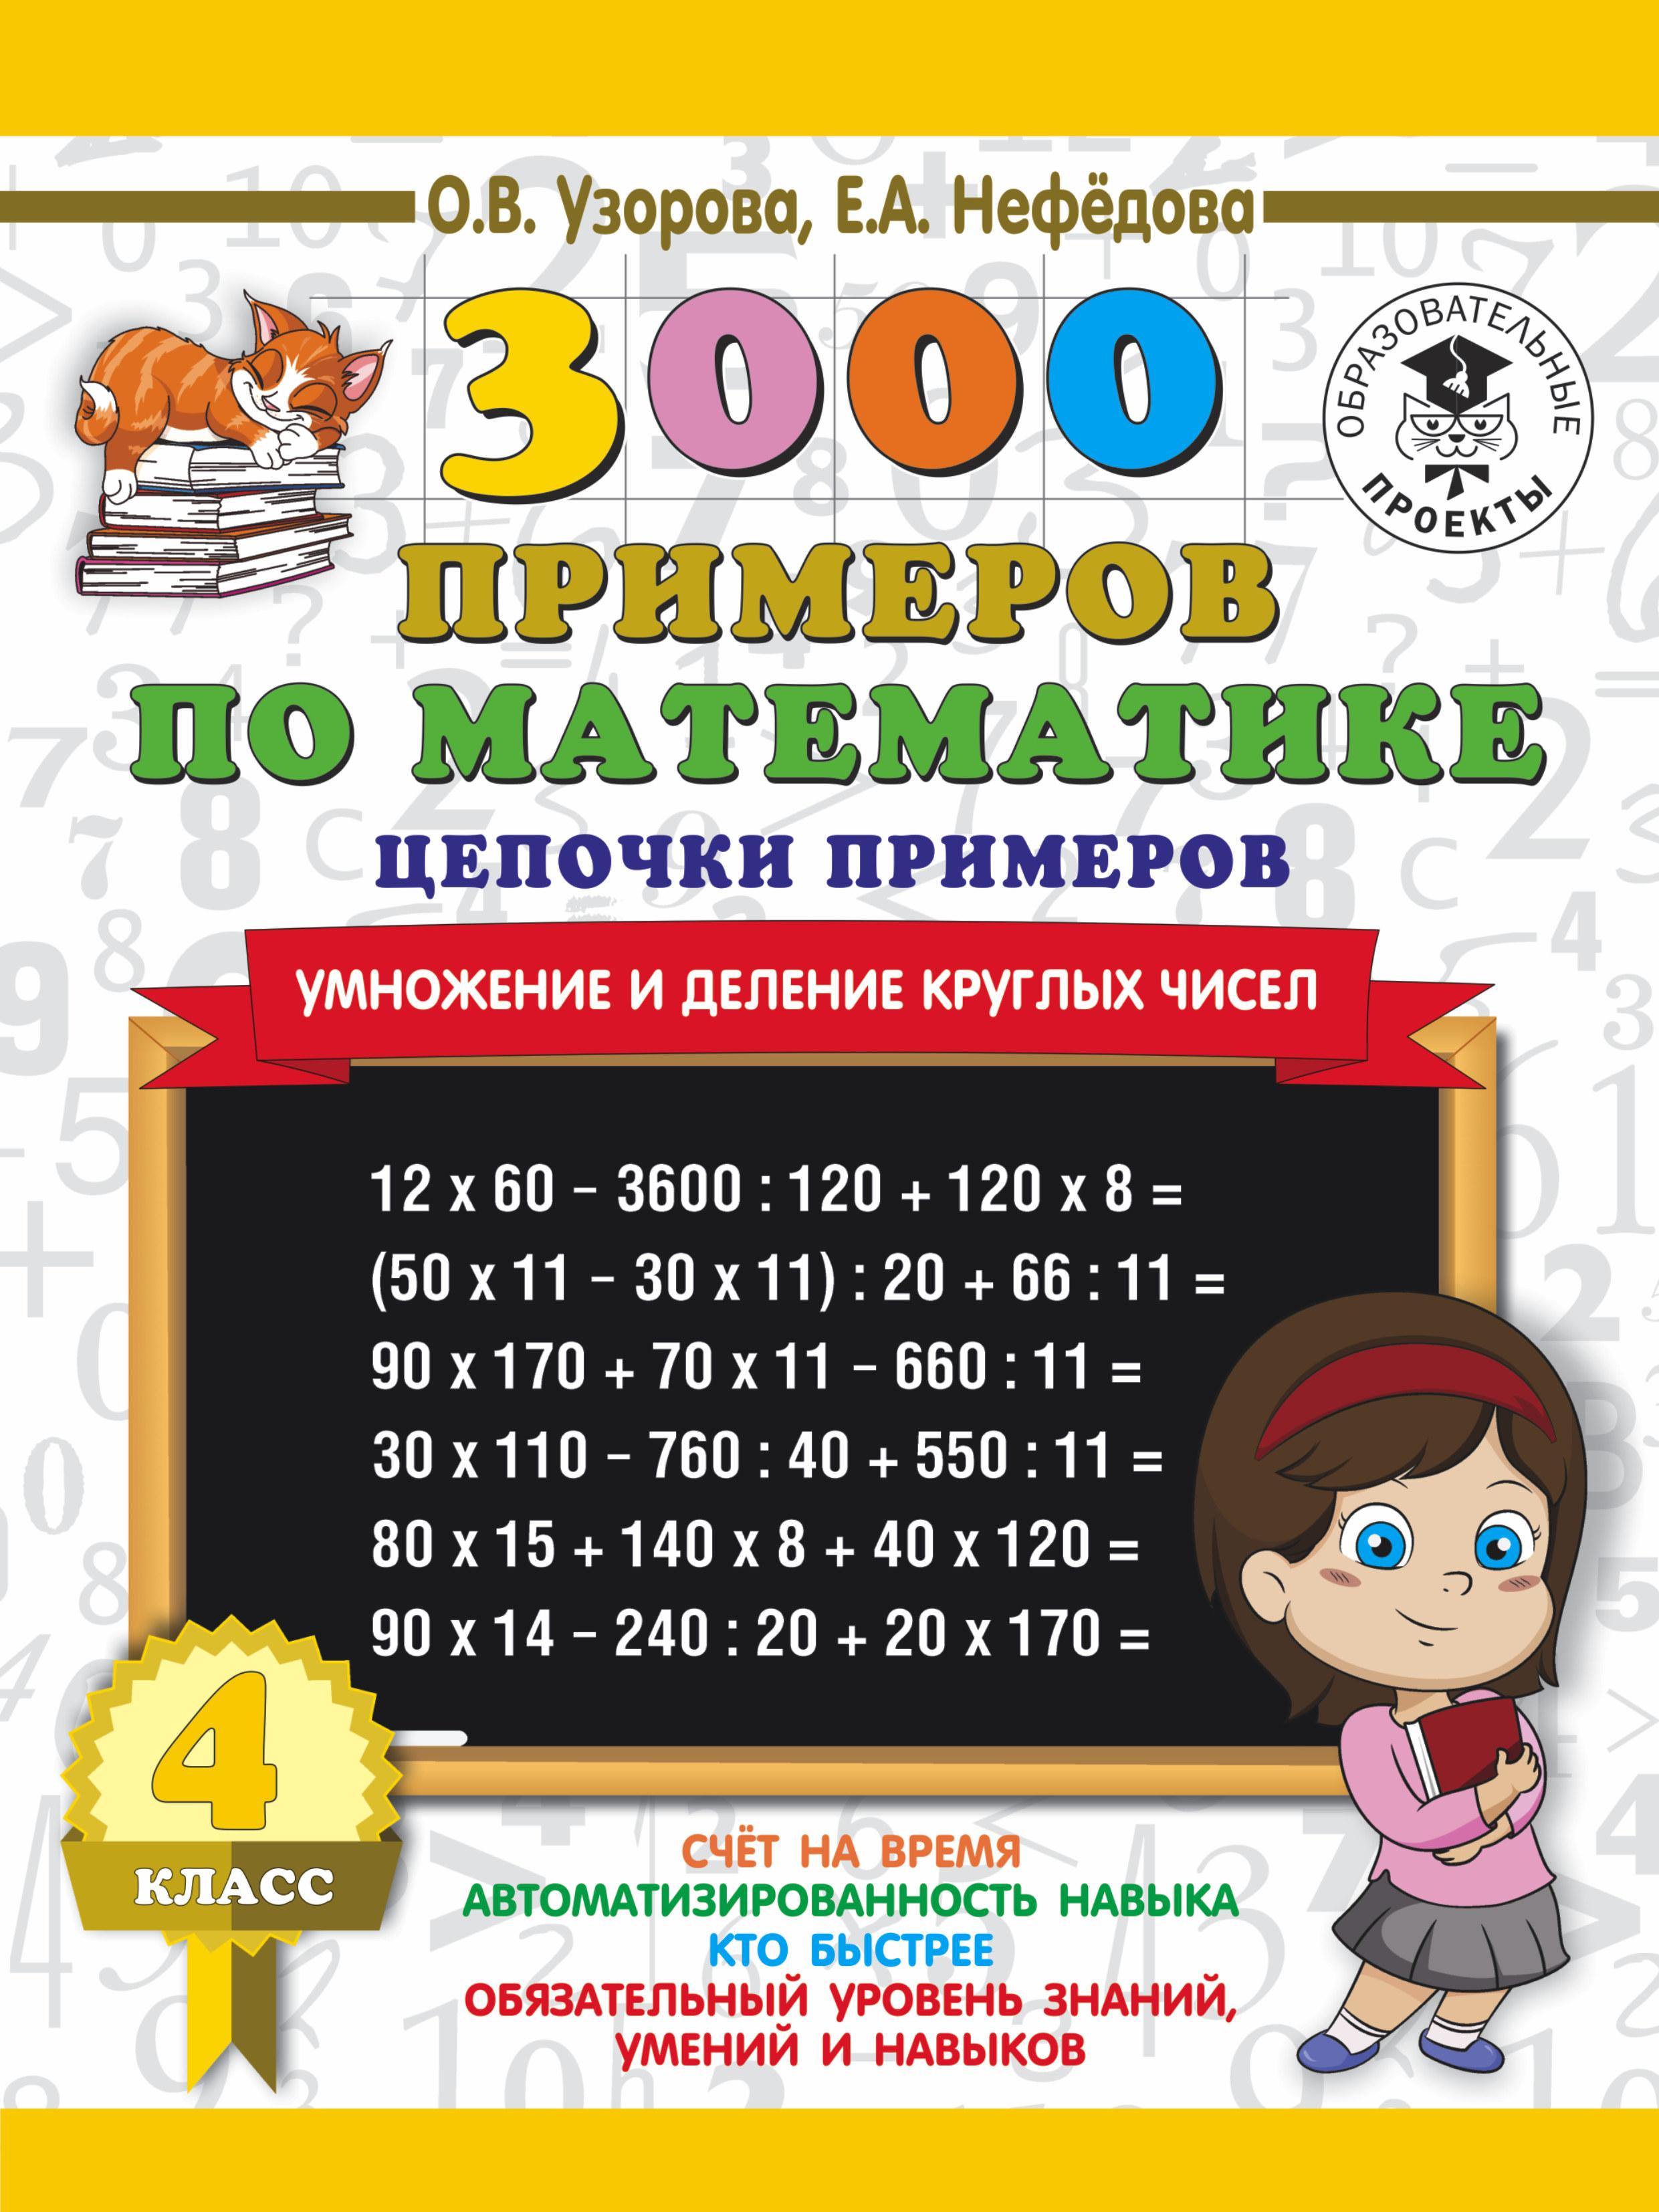 3000 примеров по математике. 4 класс. Цепочки примеров. Умножение и деление круглых чисел ( Узорова О.В., Нефедова Е.А.  )